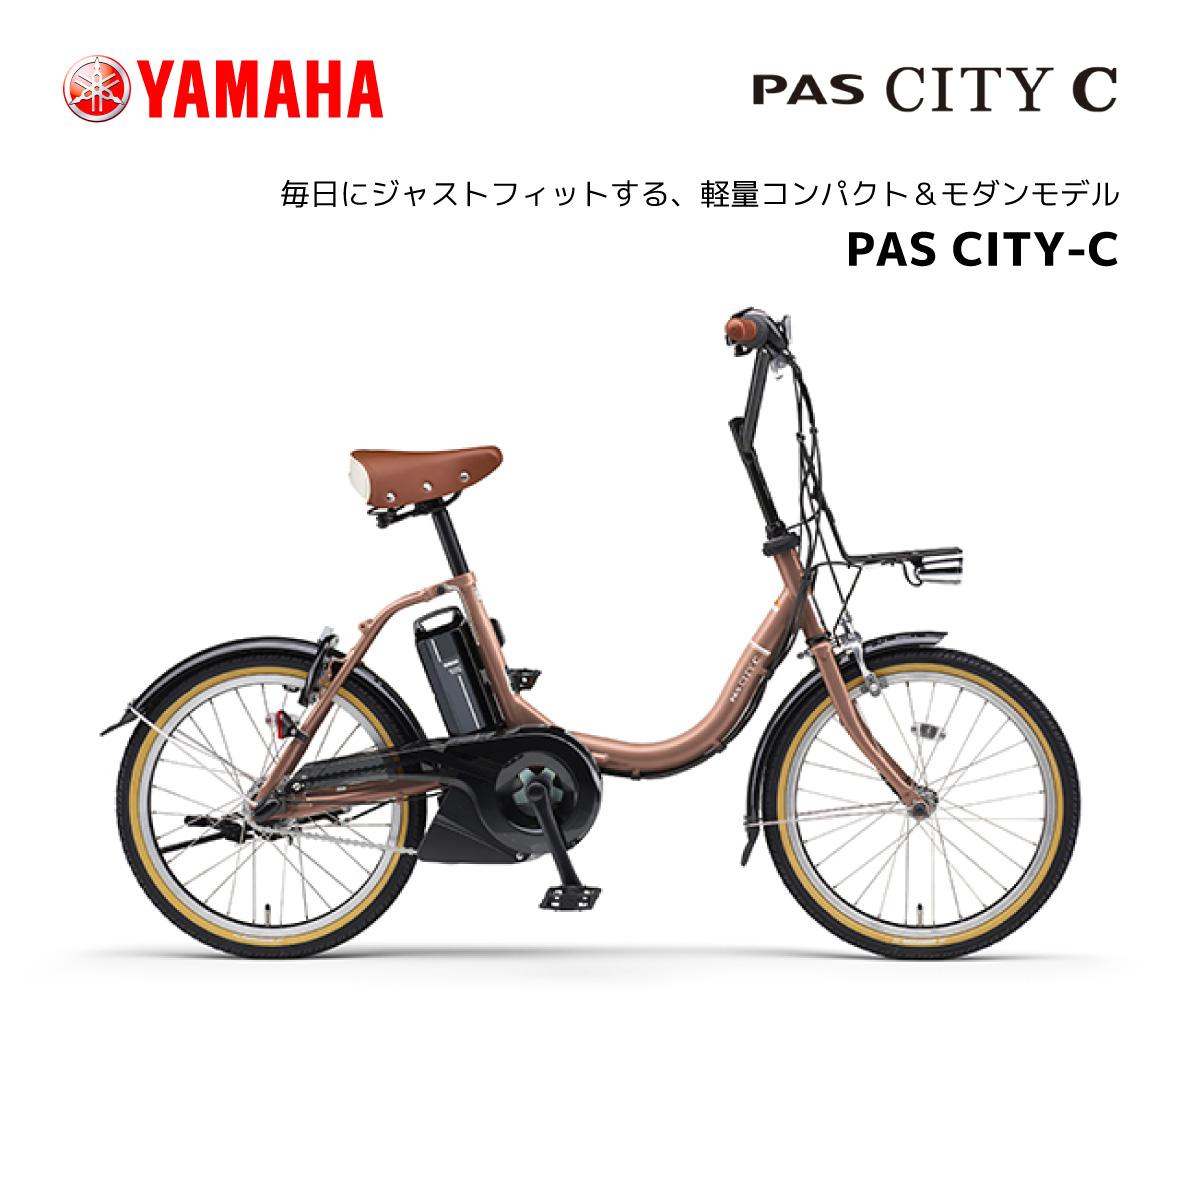 電動自転車 ヤマハ PAS CITY-C パス シティ 20インチ PA20CC